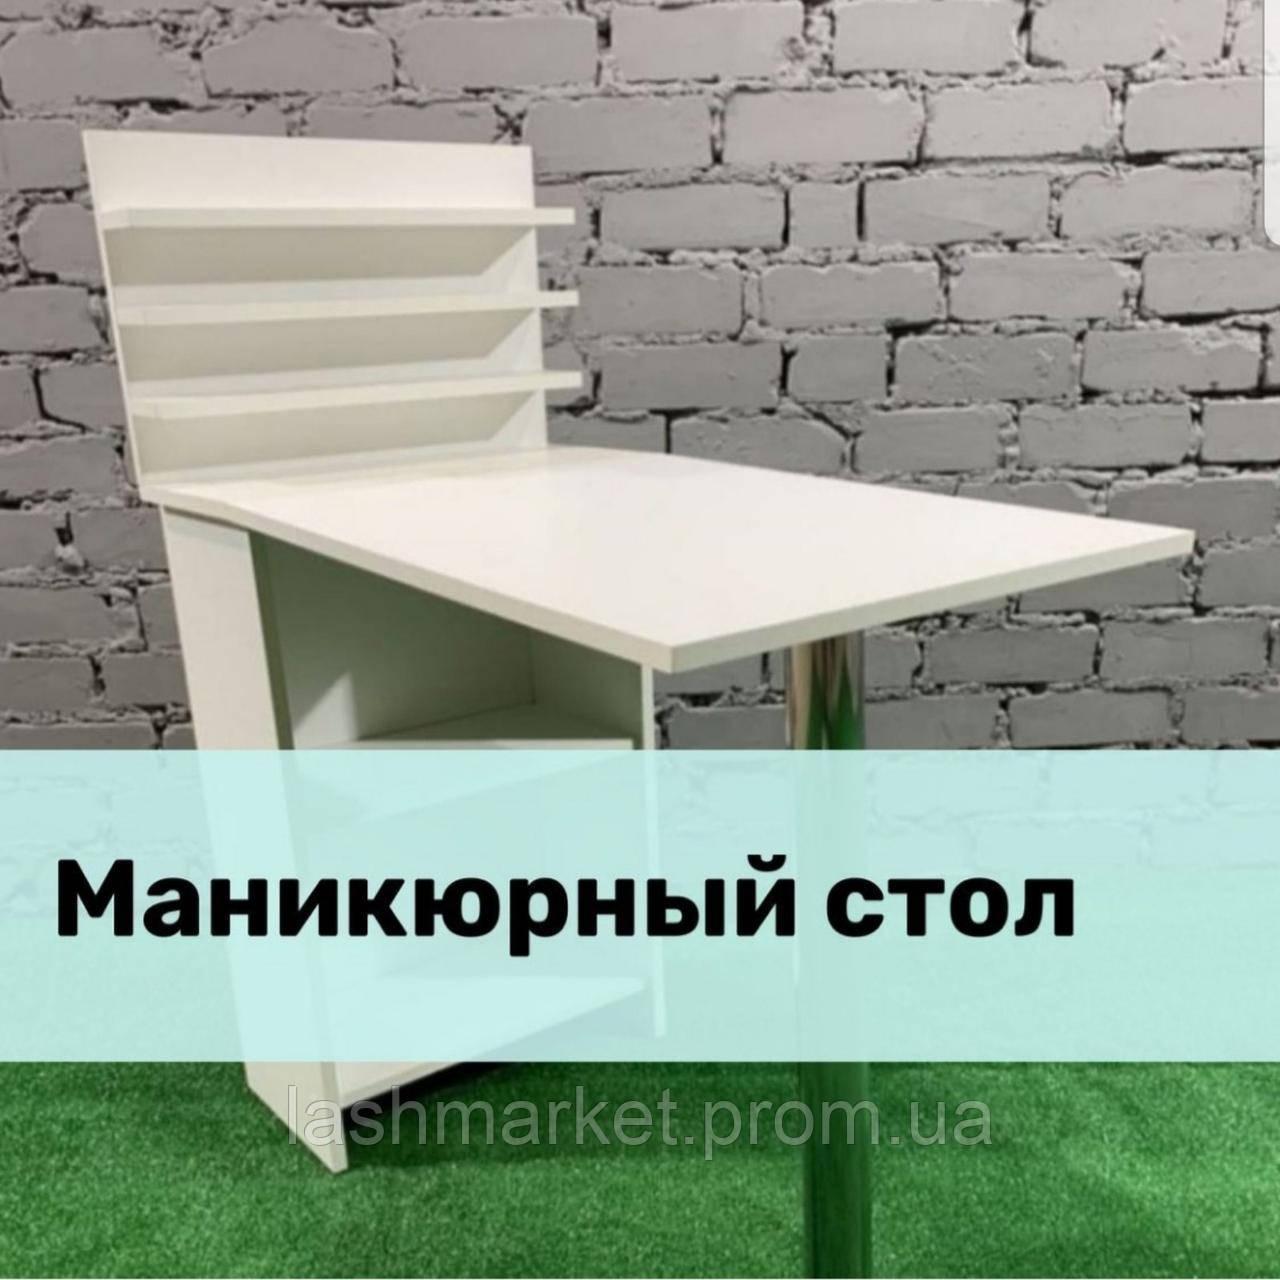 Маникюрный стол для  мастера с тремя полочками для лаков Beauty Comfort